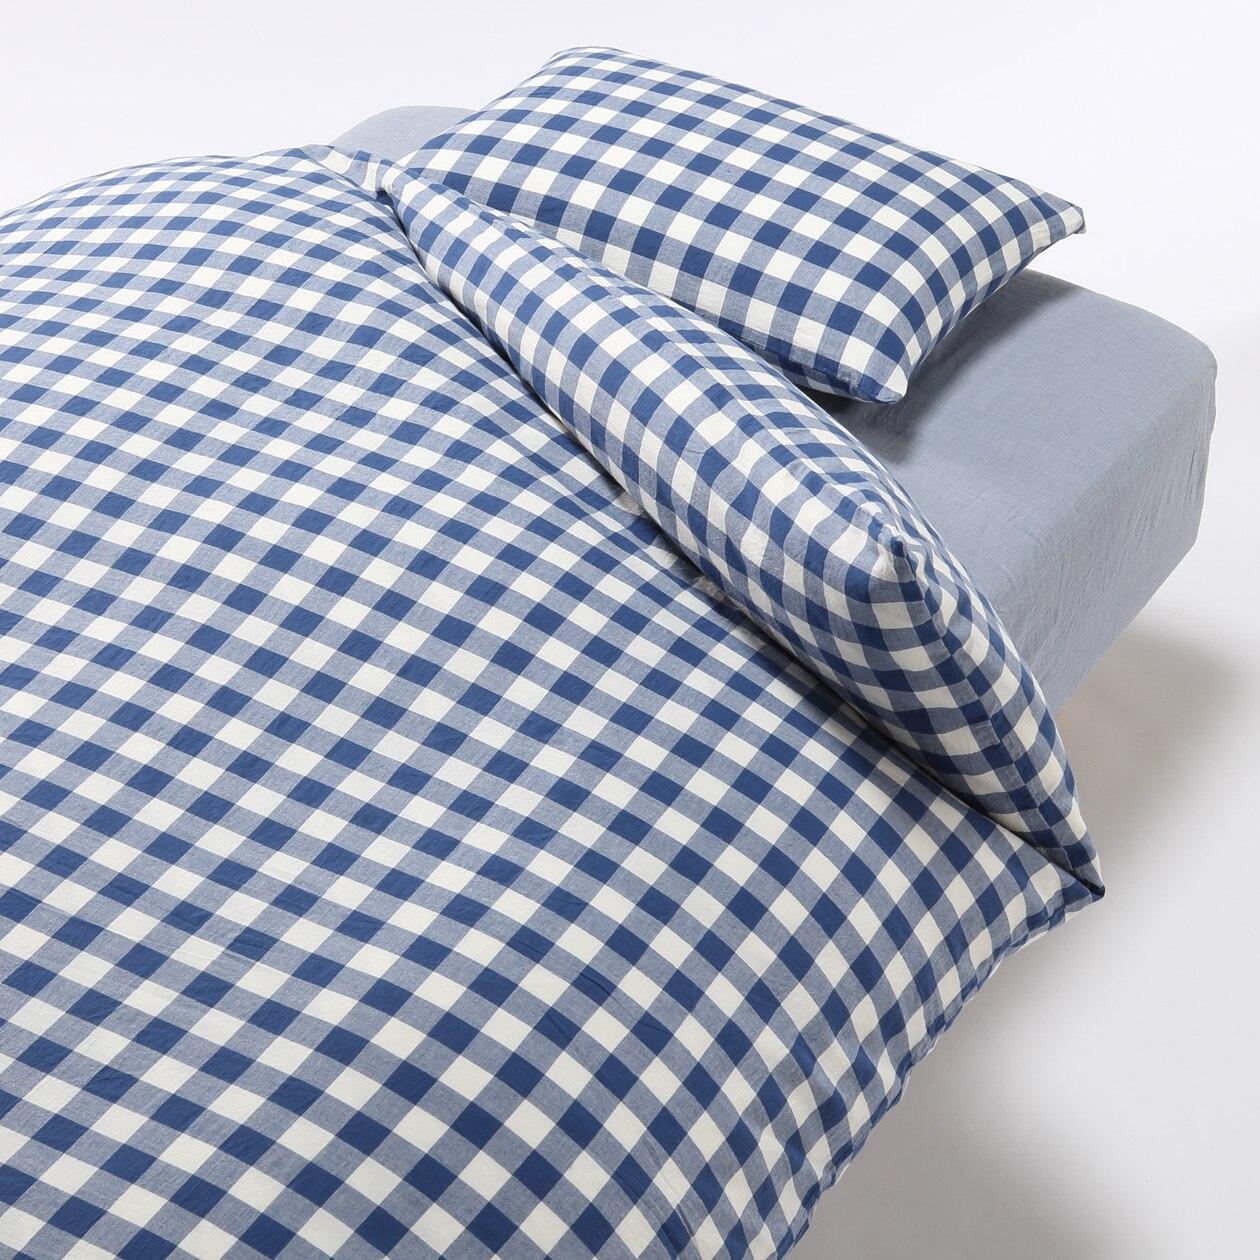 オーガニックコットンふとんカバーセット/ベージュ/チェック ベッド用 ベッド用/ブルー